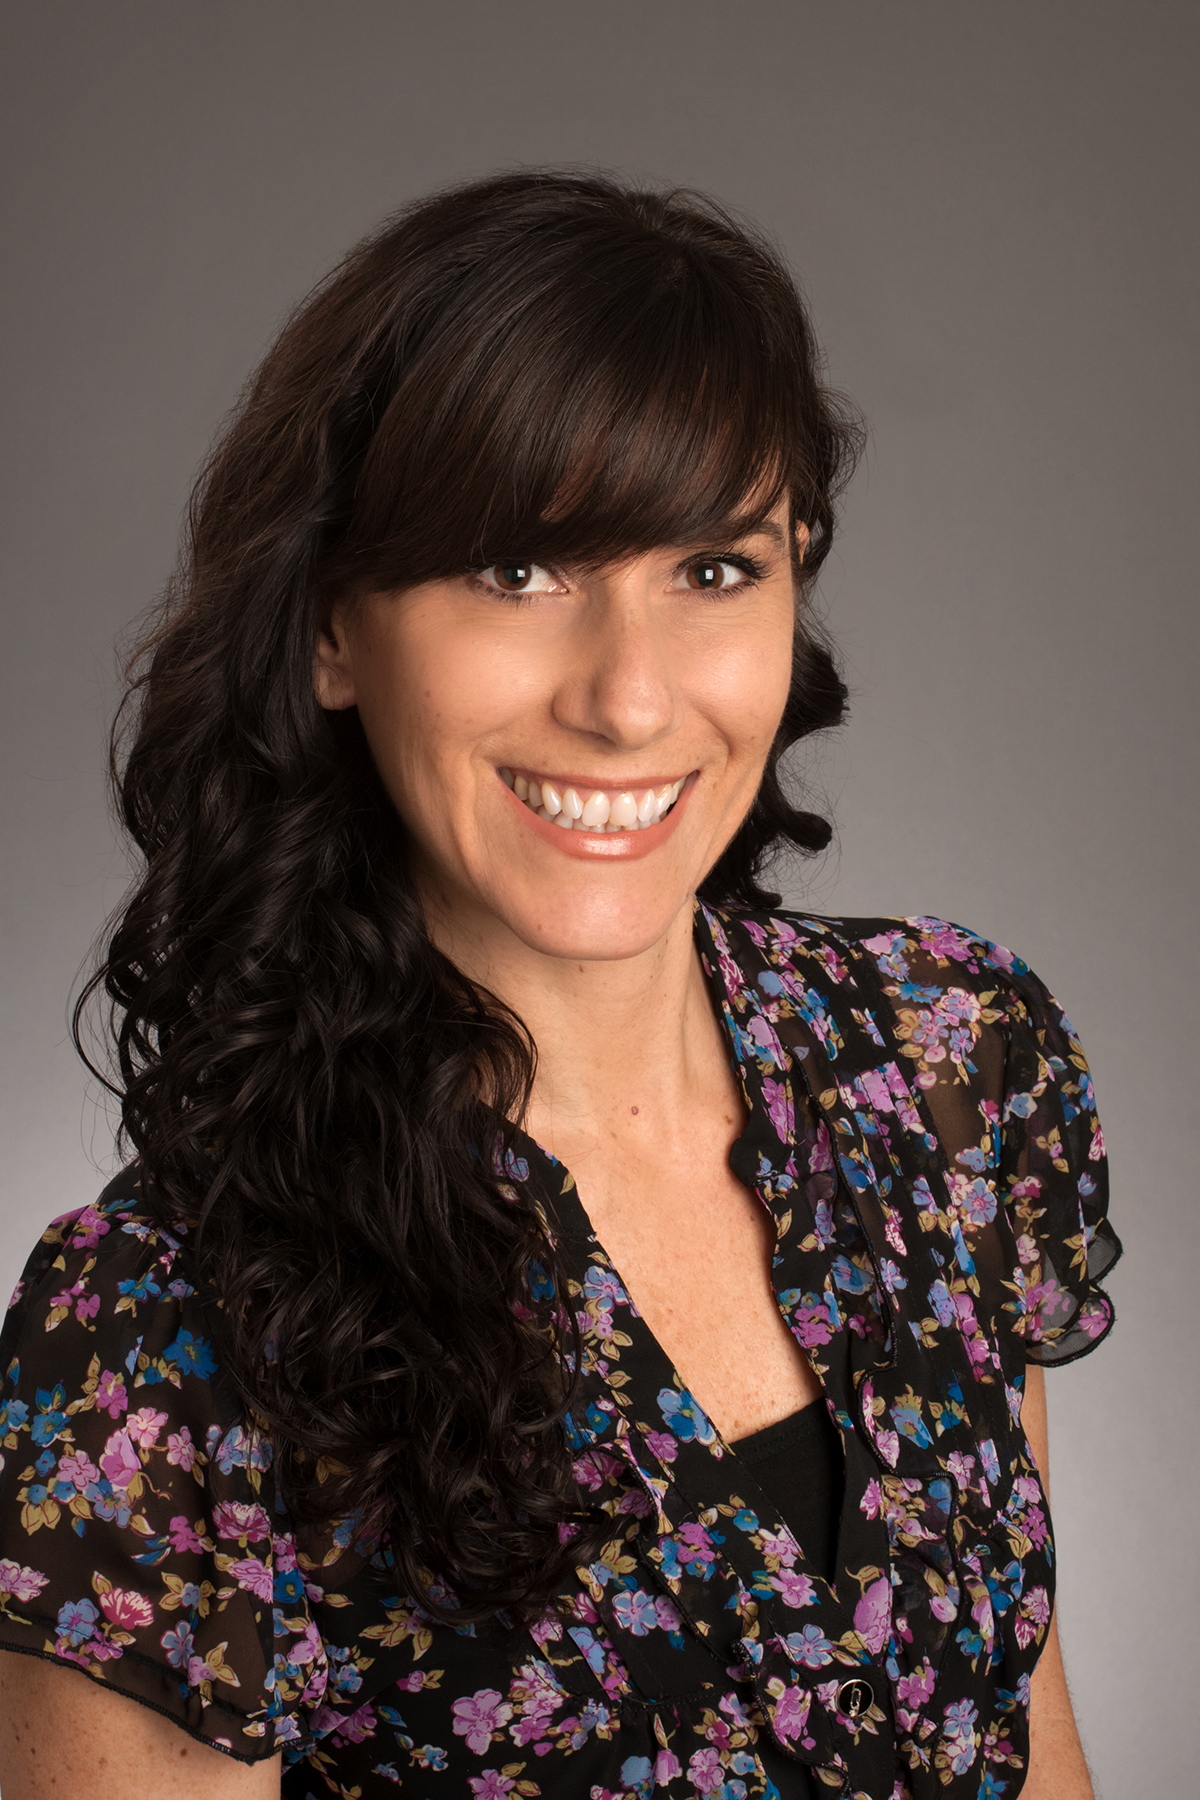 Jennifer Aumeier portrait